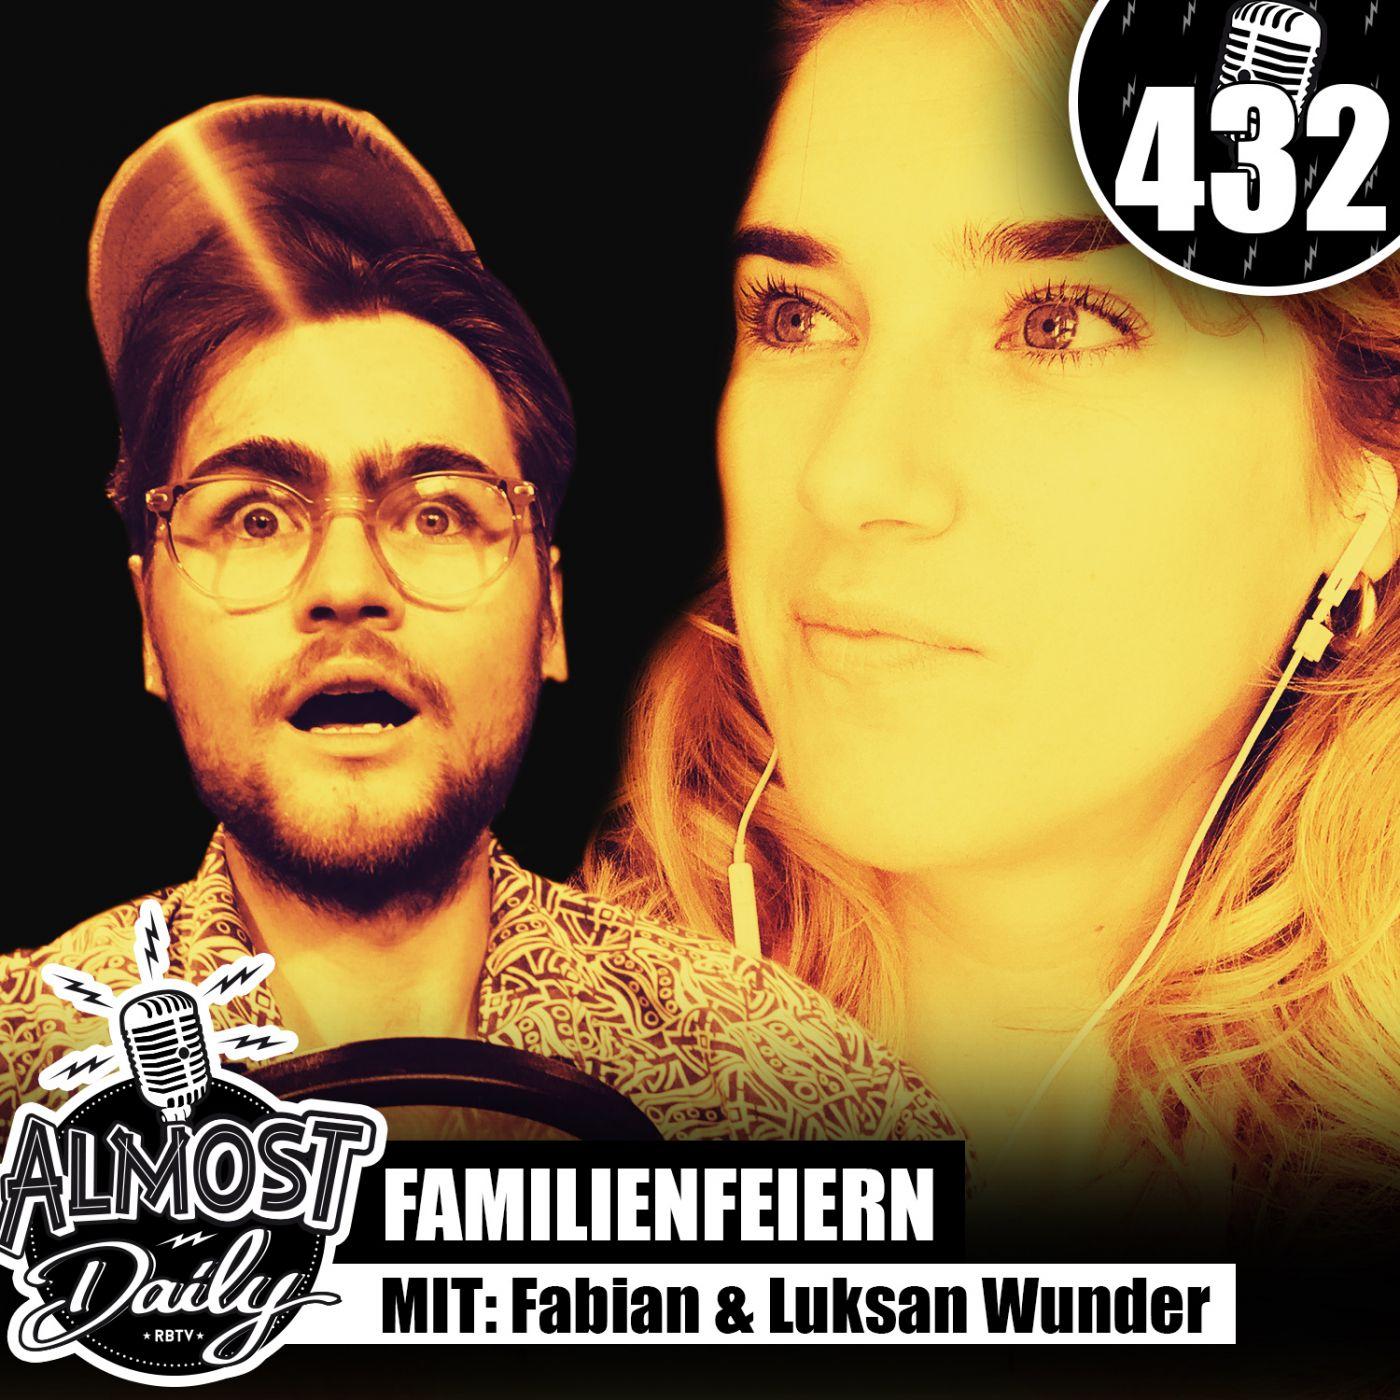 #432   Familienfeiern abschaffen! mit Fabian & Team Luksan Wunder